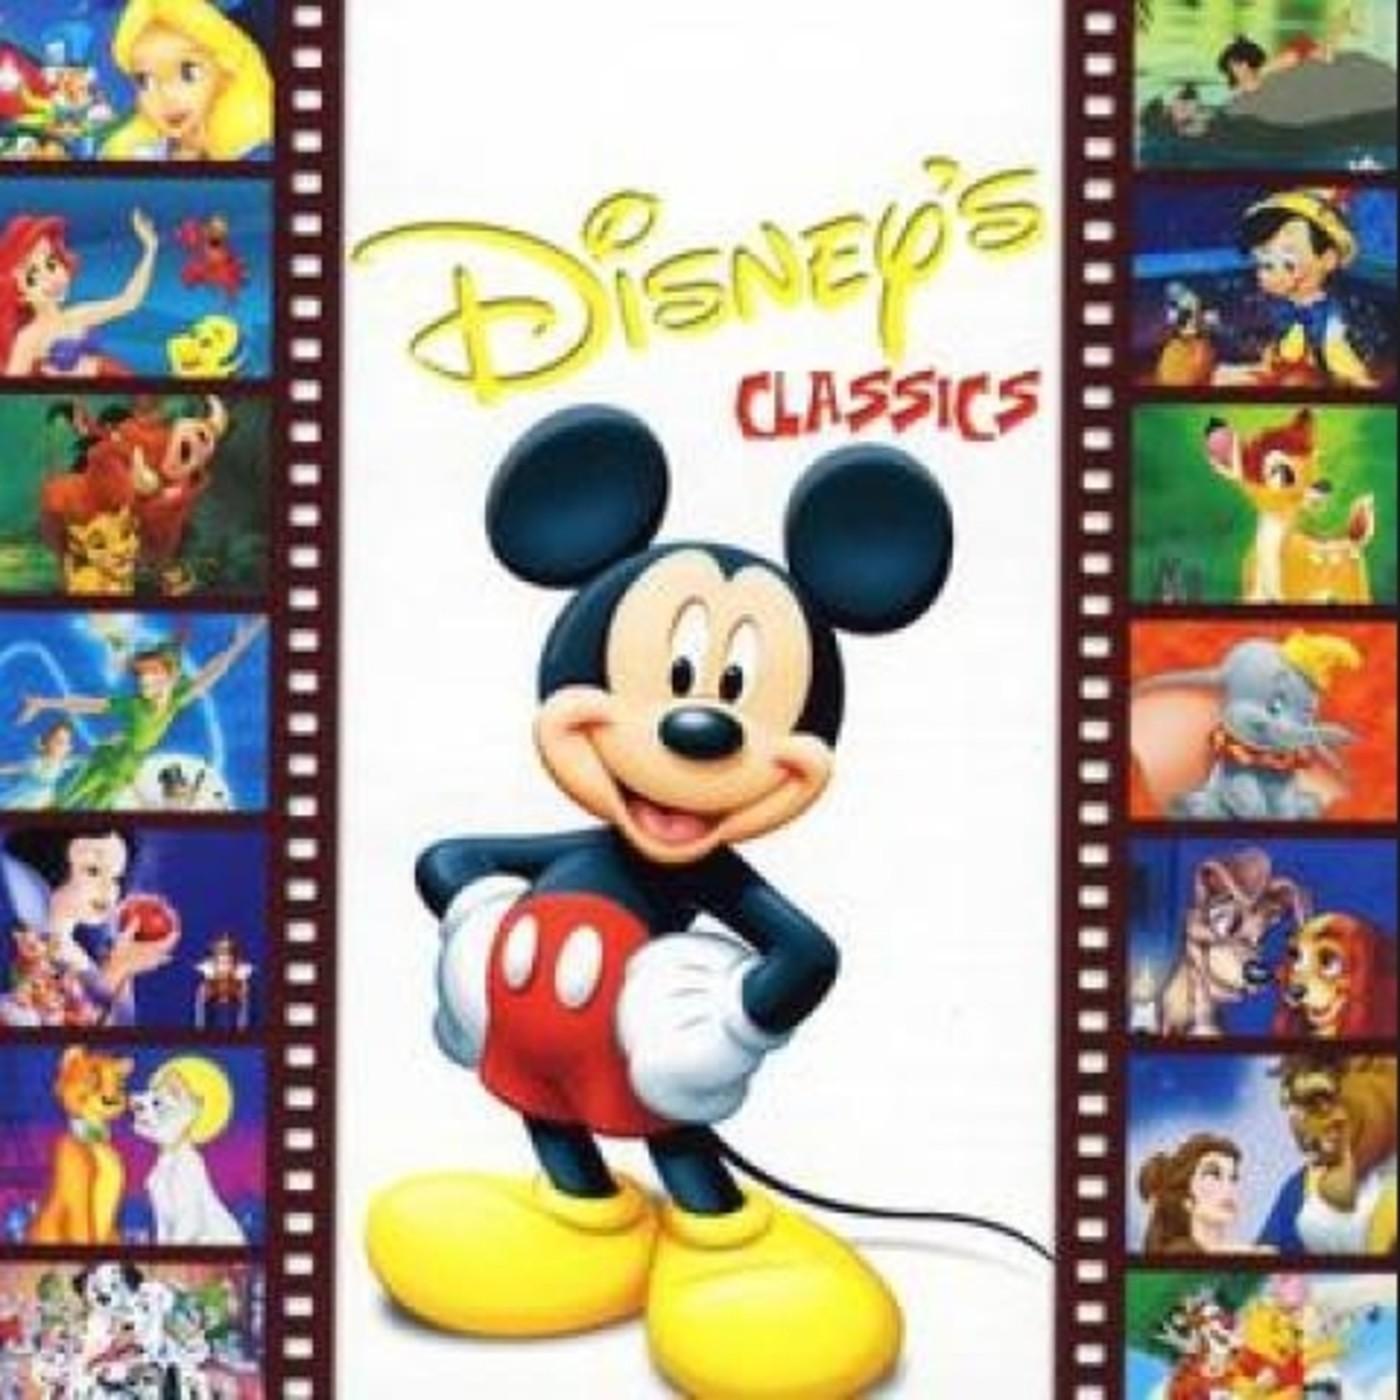 Cuentos Disney - Pinocho